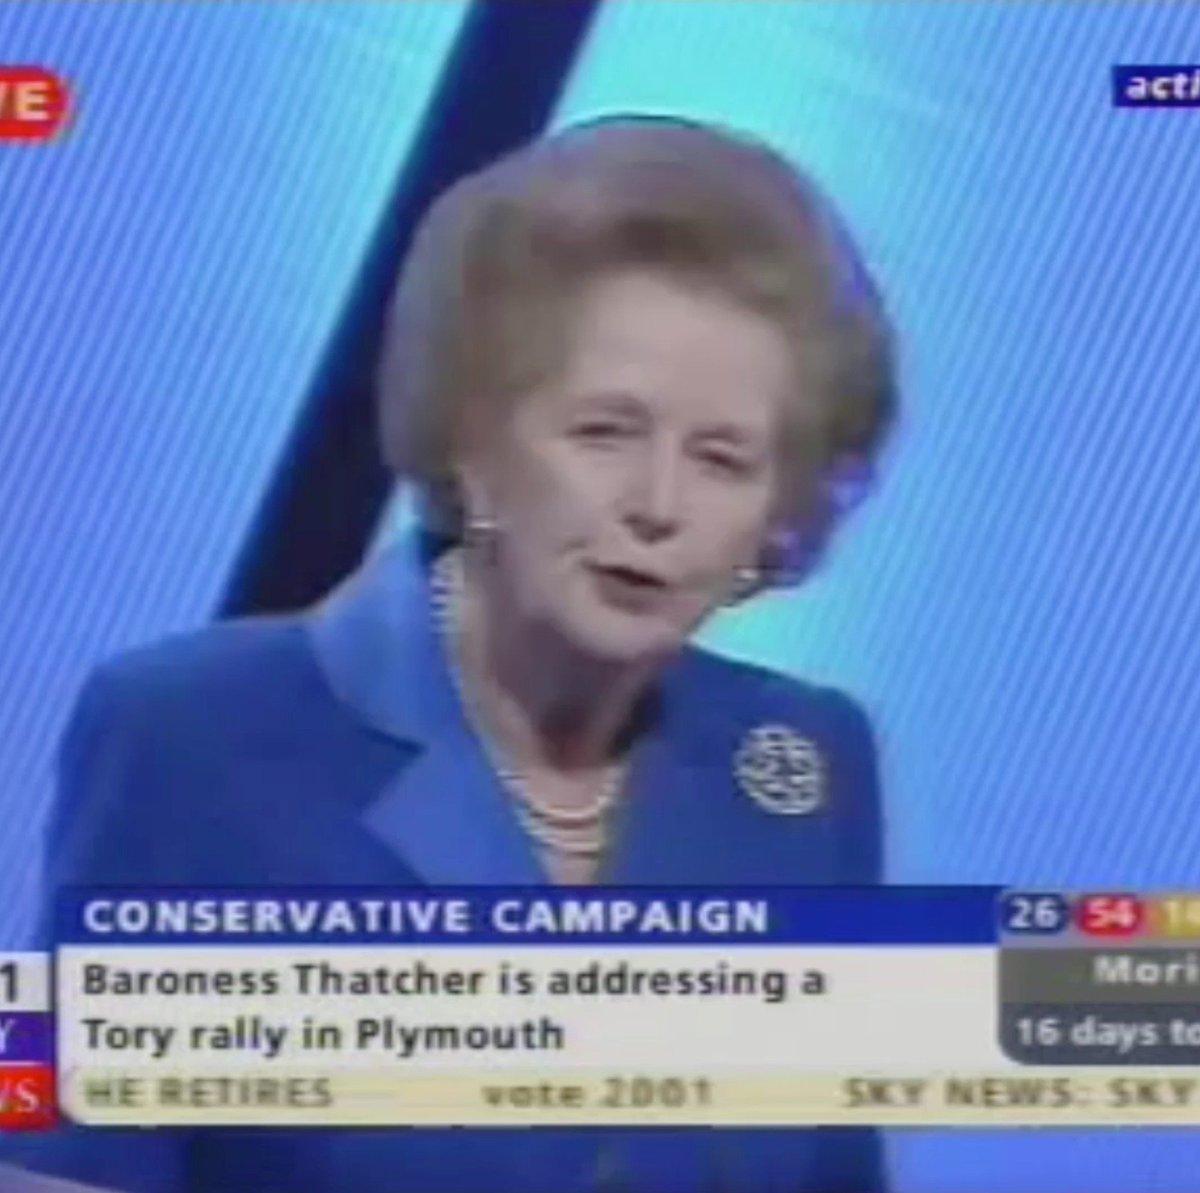 Margaret Thatcher's photo on SECOND HALF